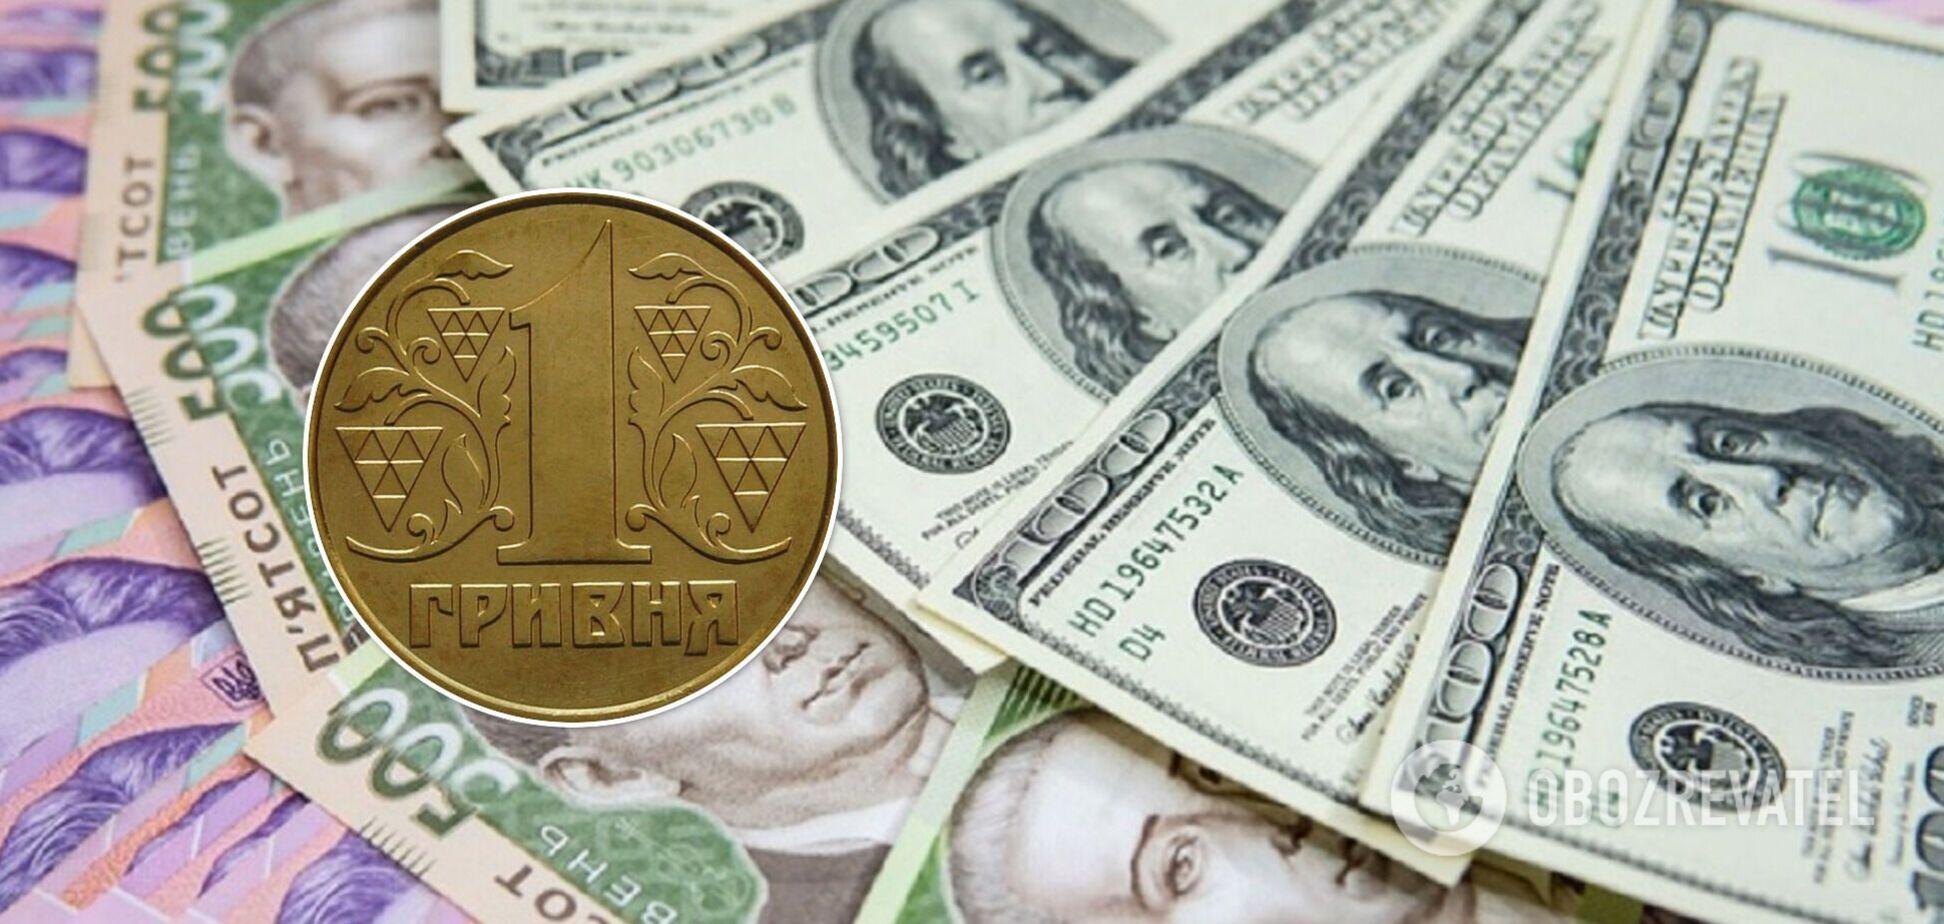 Cколько стоит монета в 1 гривню